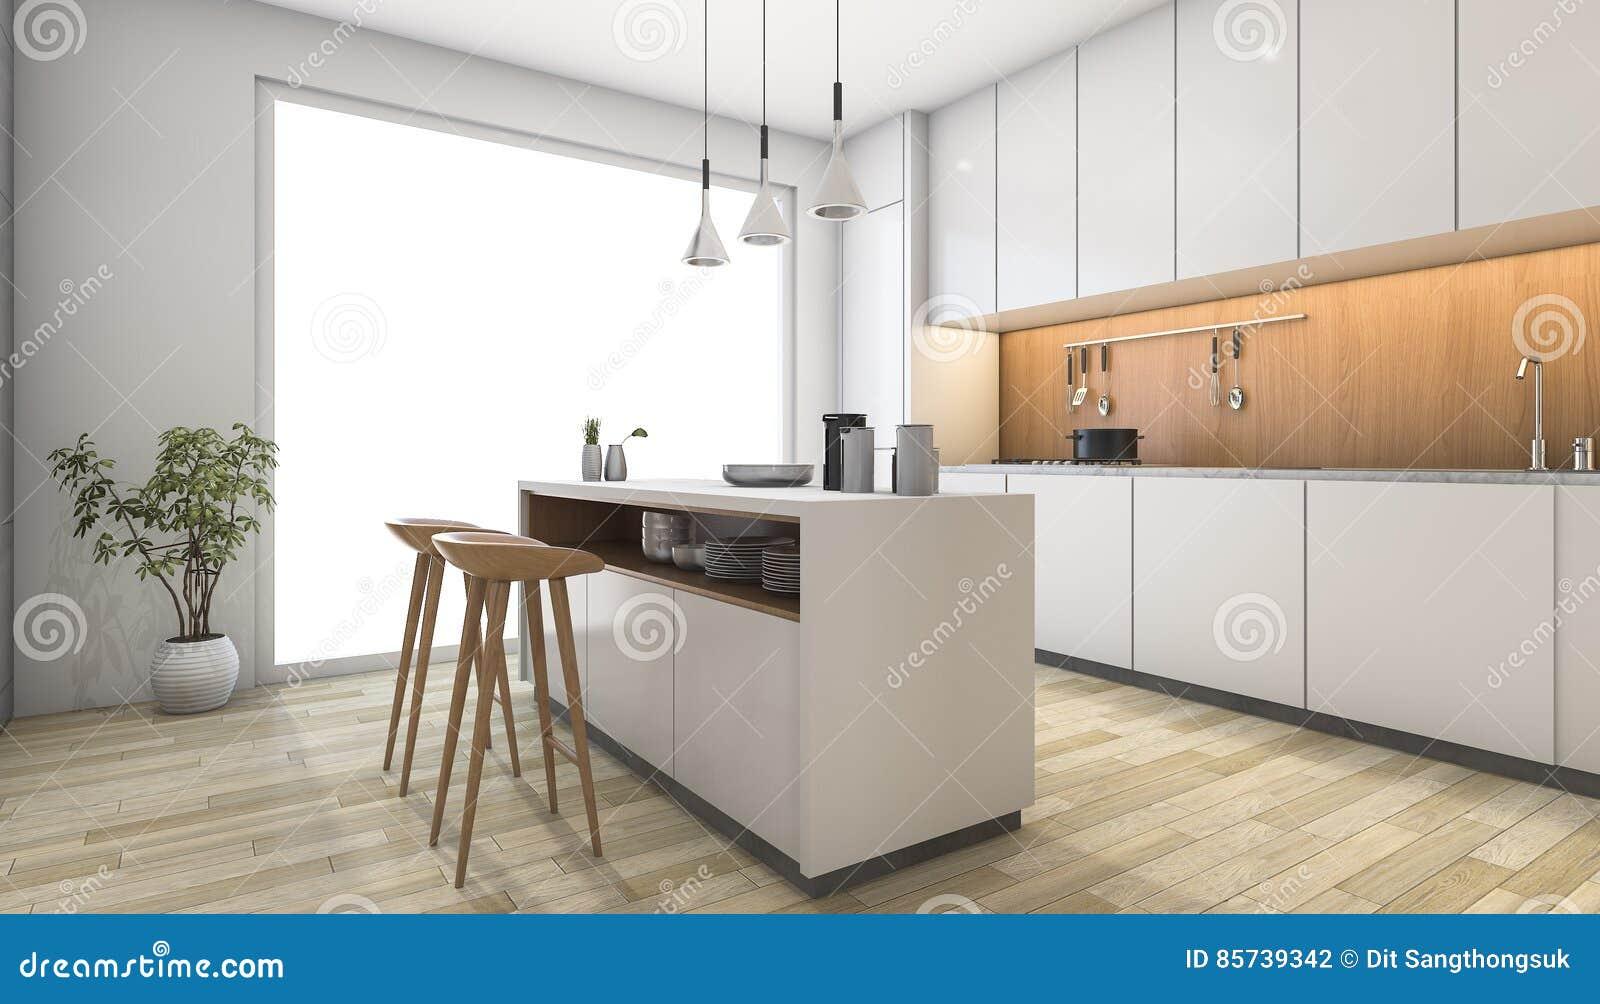 Keuken Houten Bar : 3d het teruggeven witte moderne keuken met houten bar stock